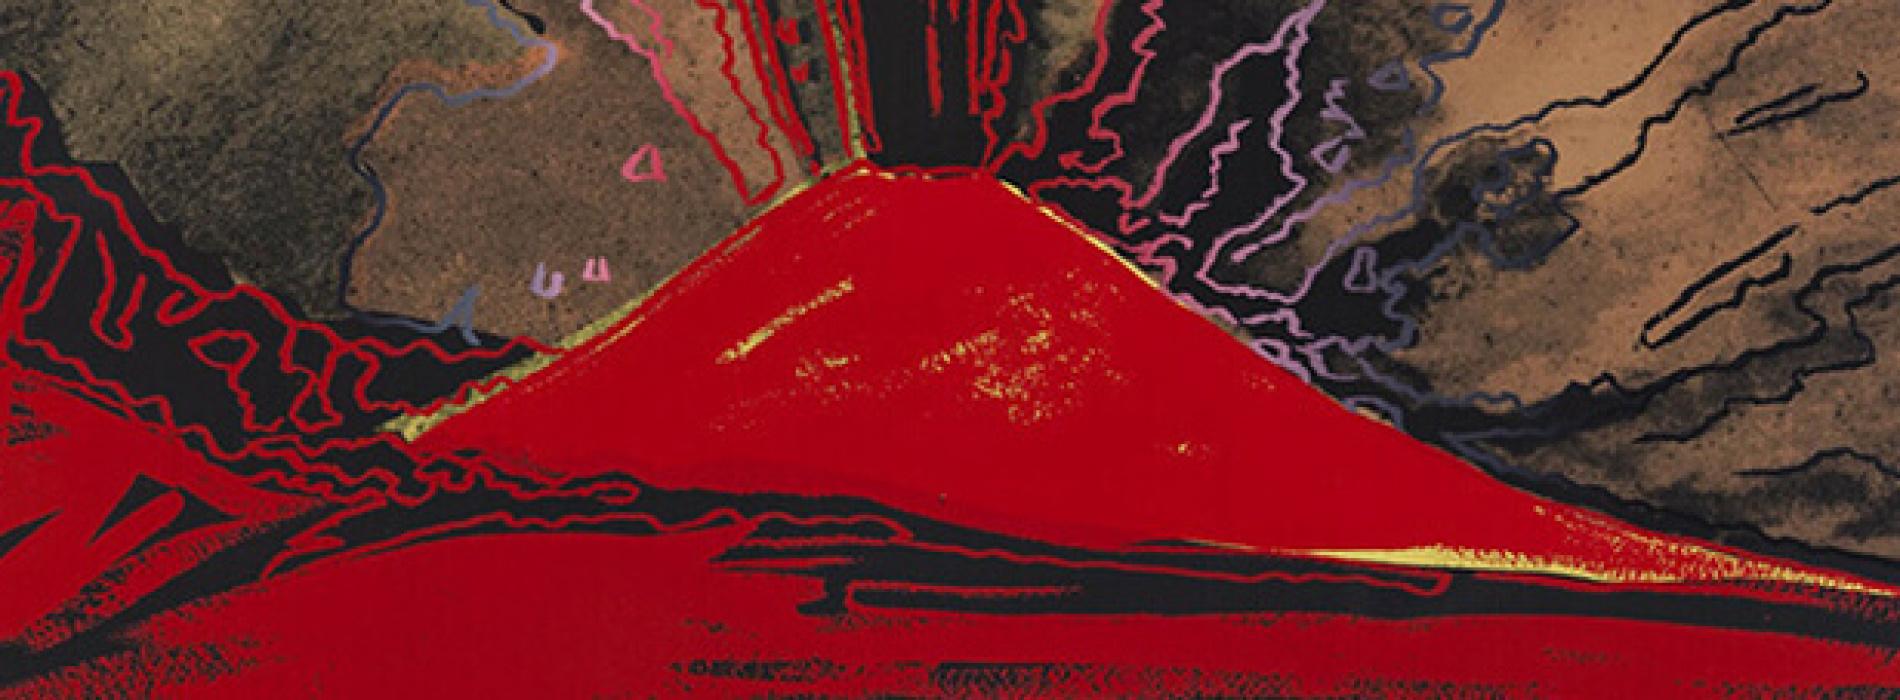 Napoli. Le mille luci di New York in mostra a Palazzo Zevallos